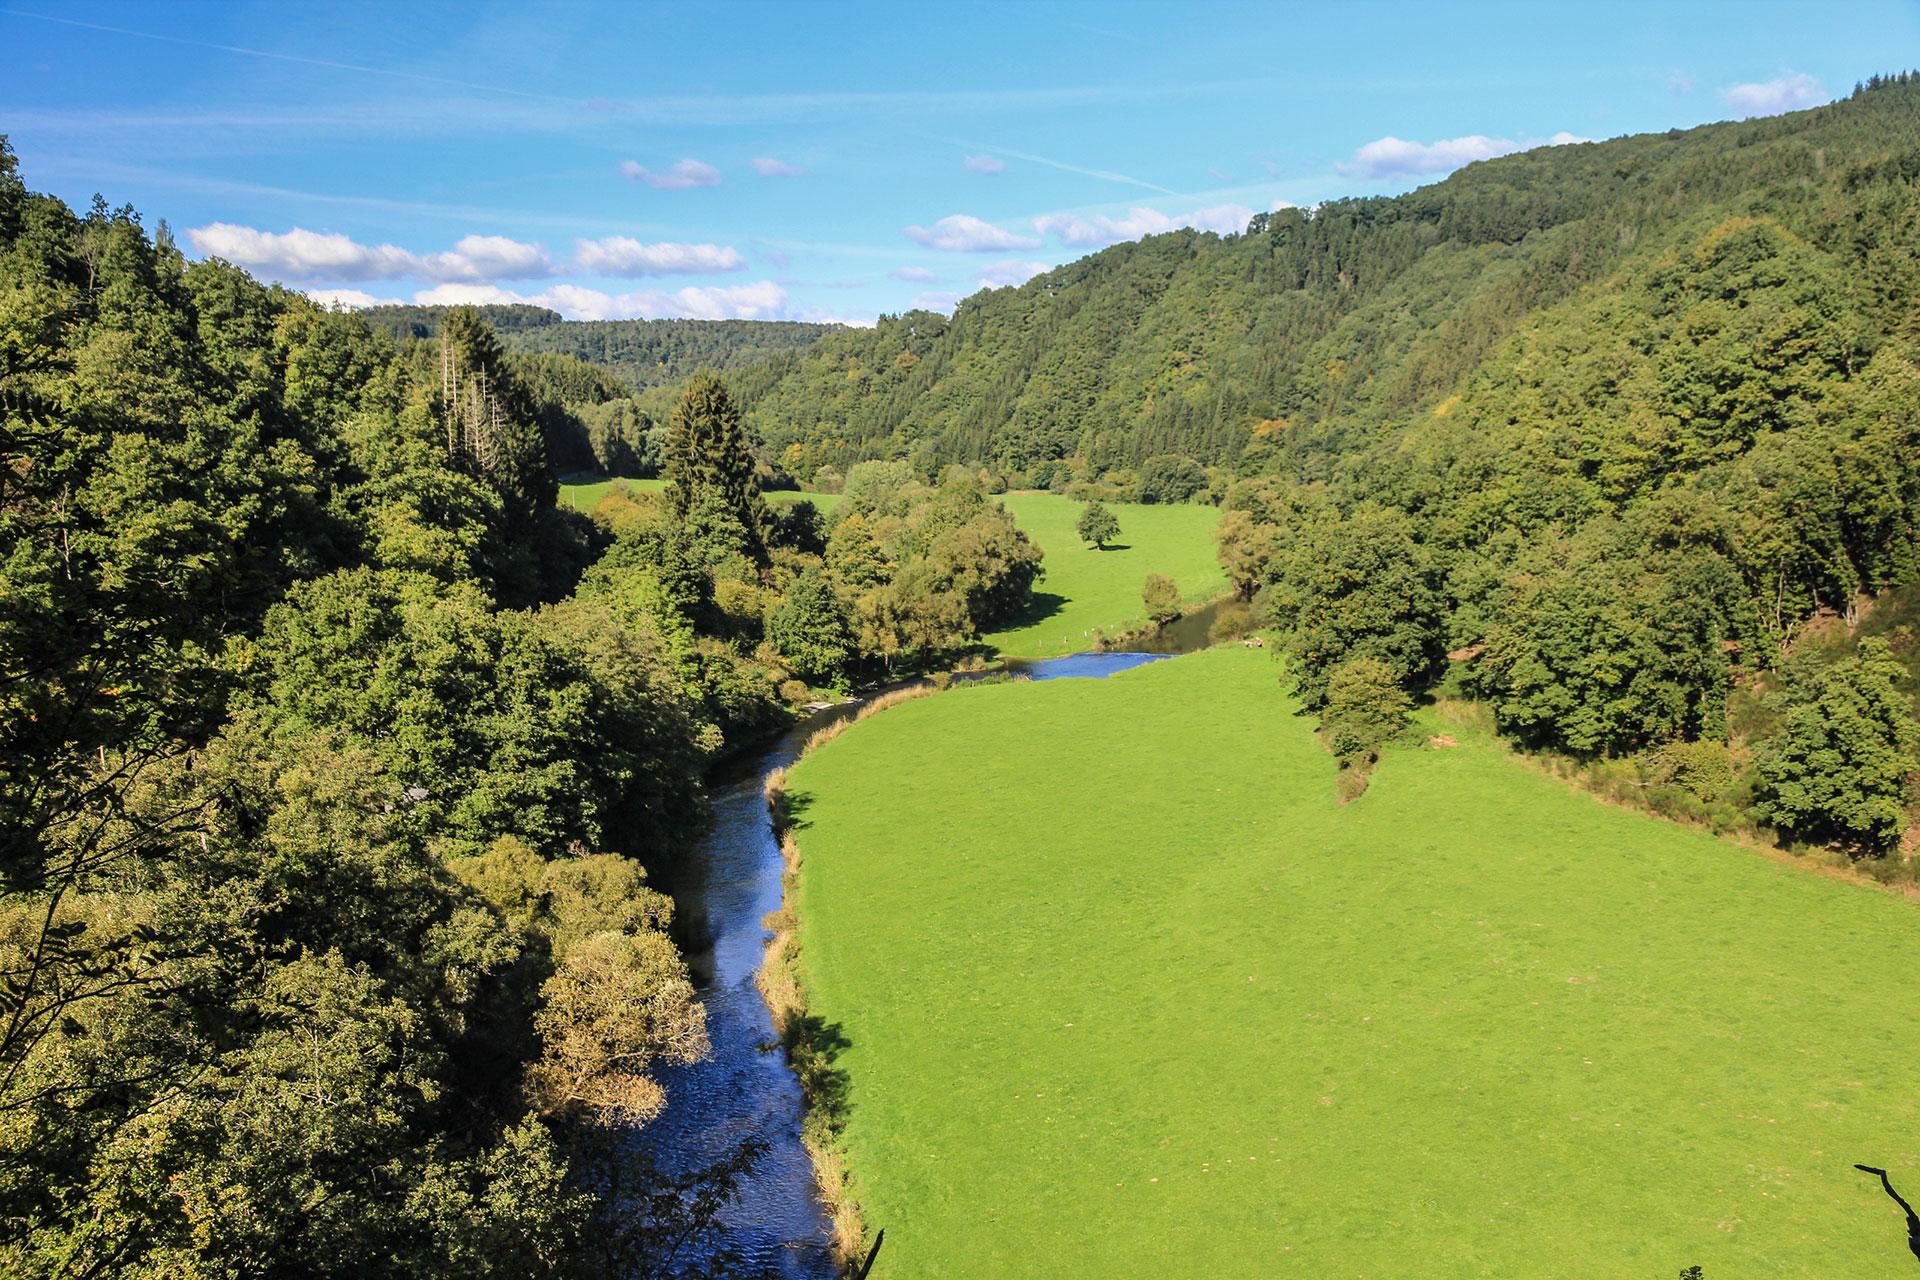 Vallée de l'Our - site des Trois Frontières - Wallonie insolite